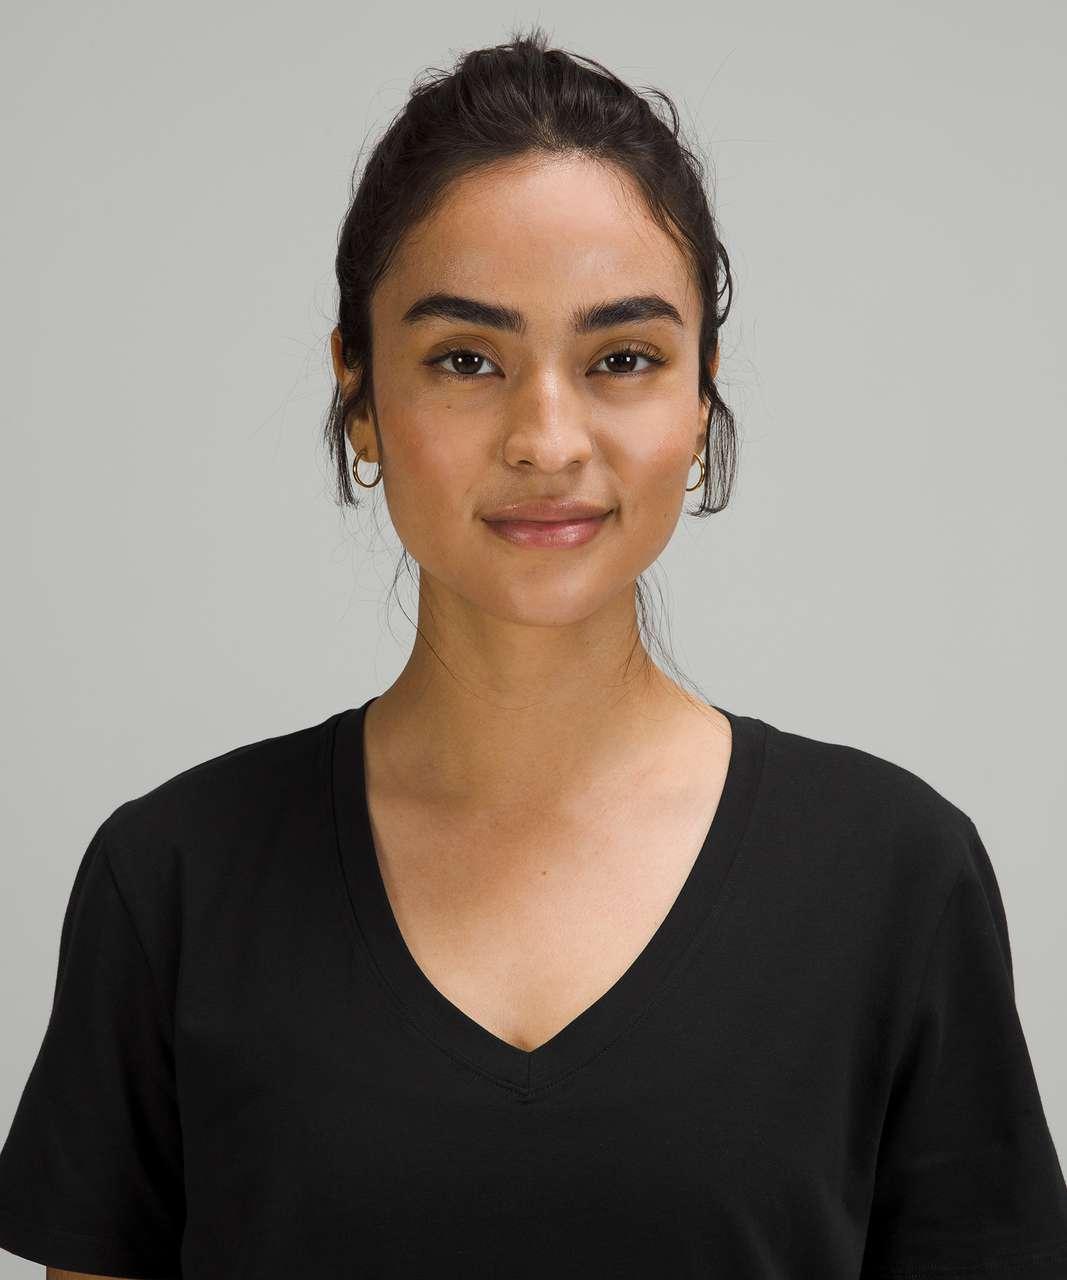 Lululemon Love Tee Short Sleeve V-Neck T-Shirt - Black